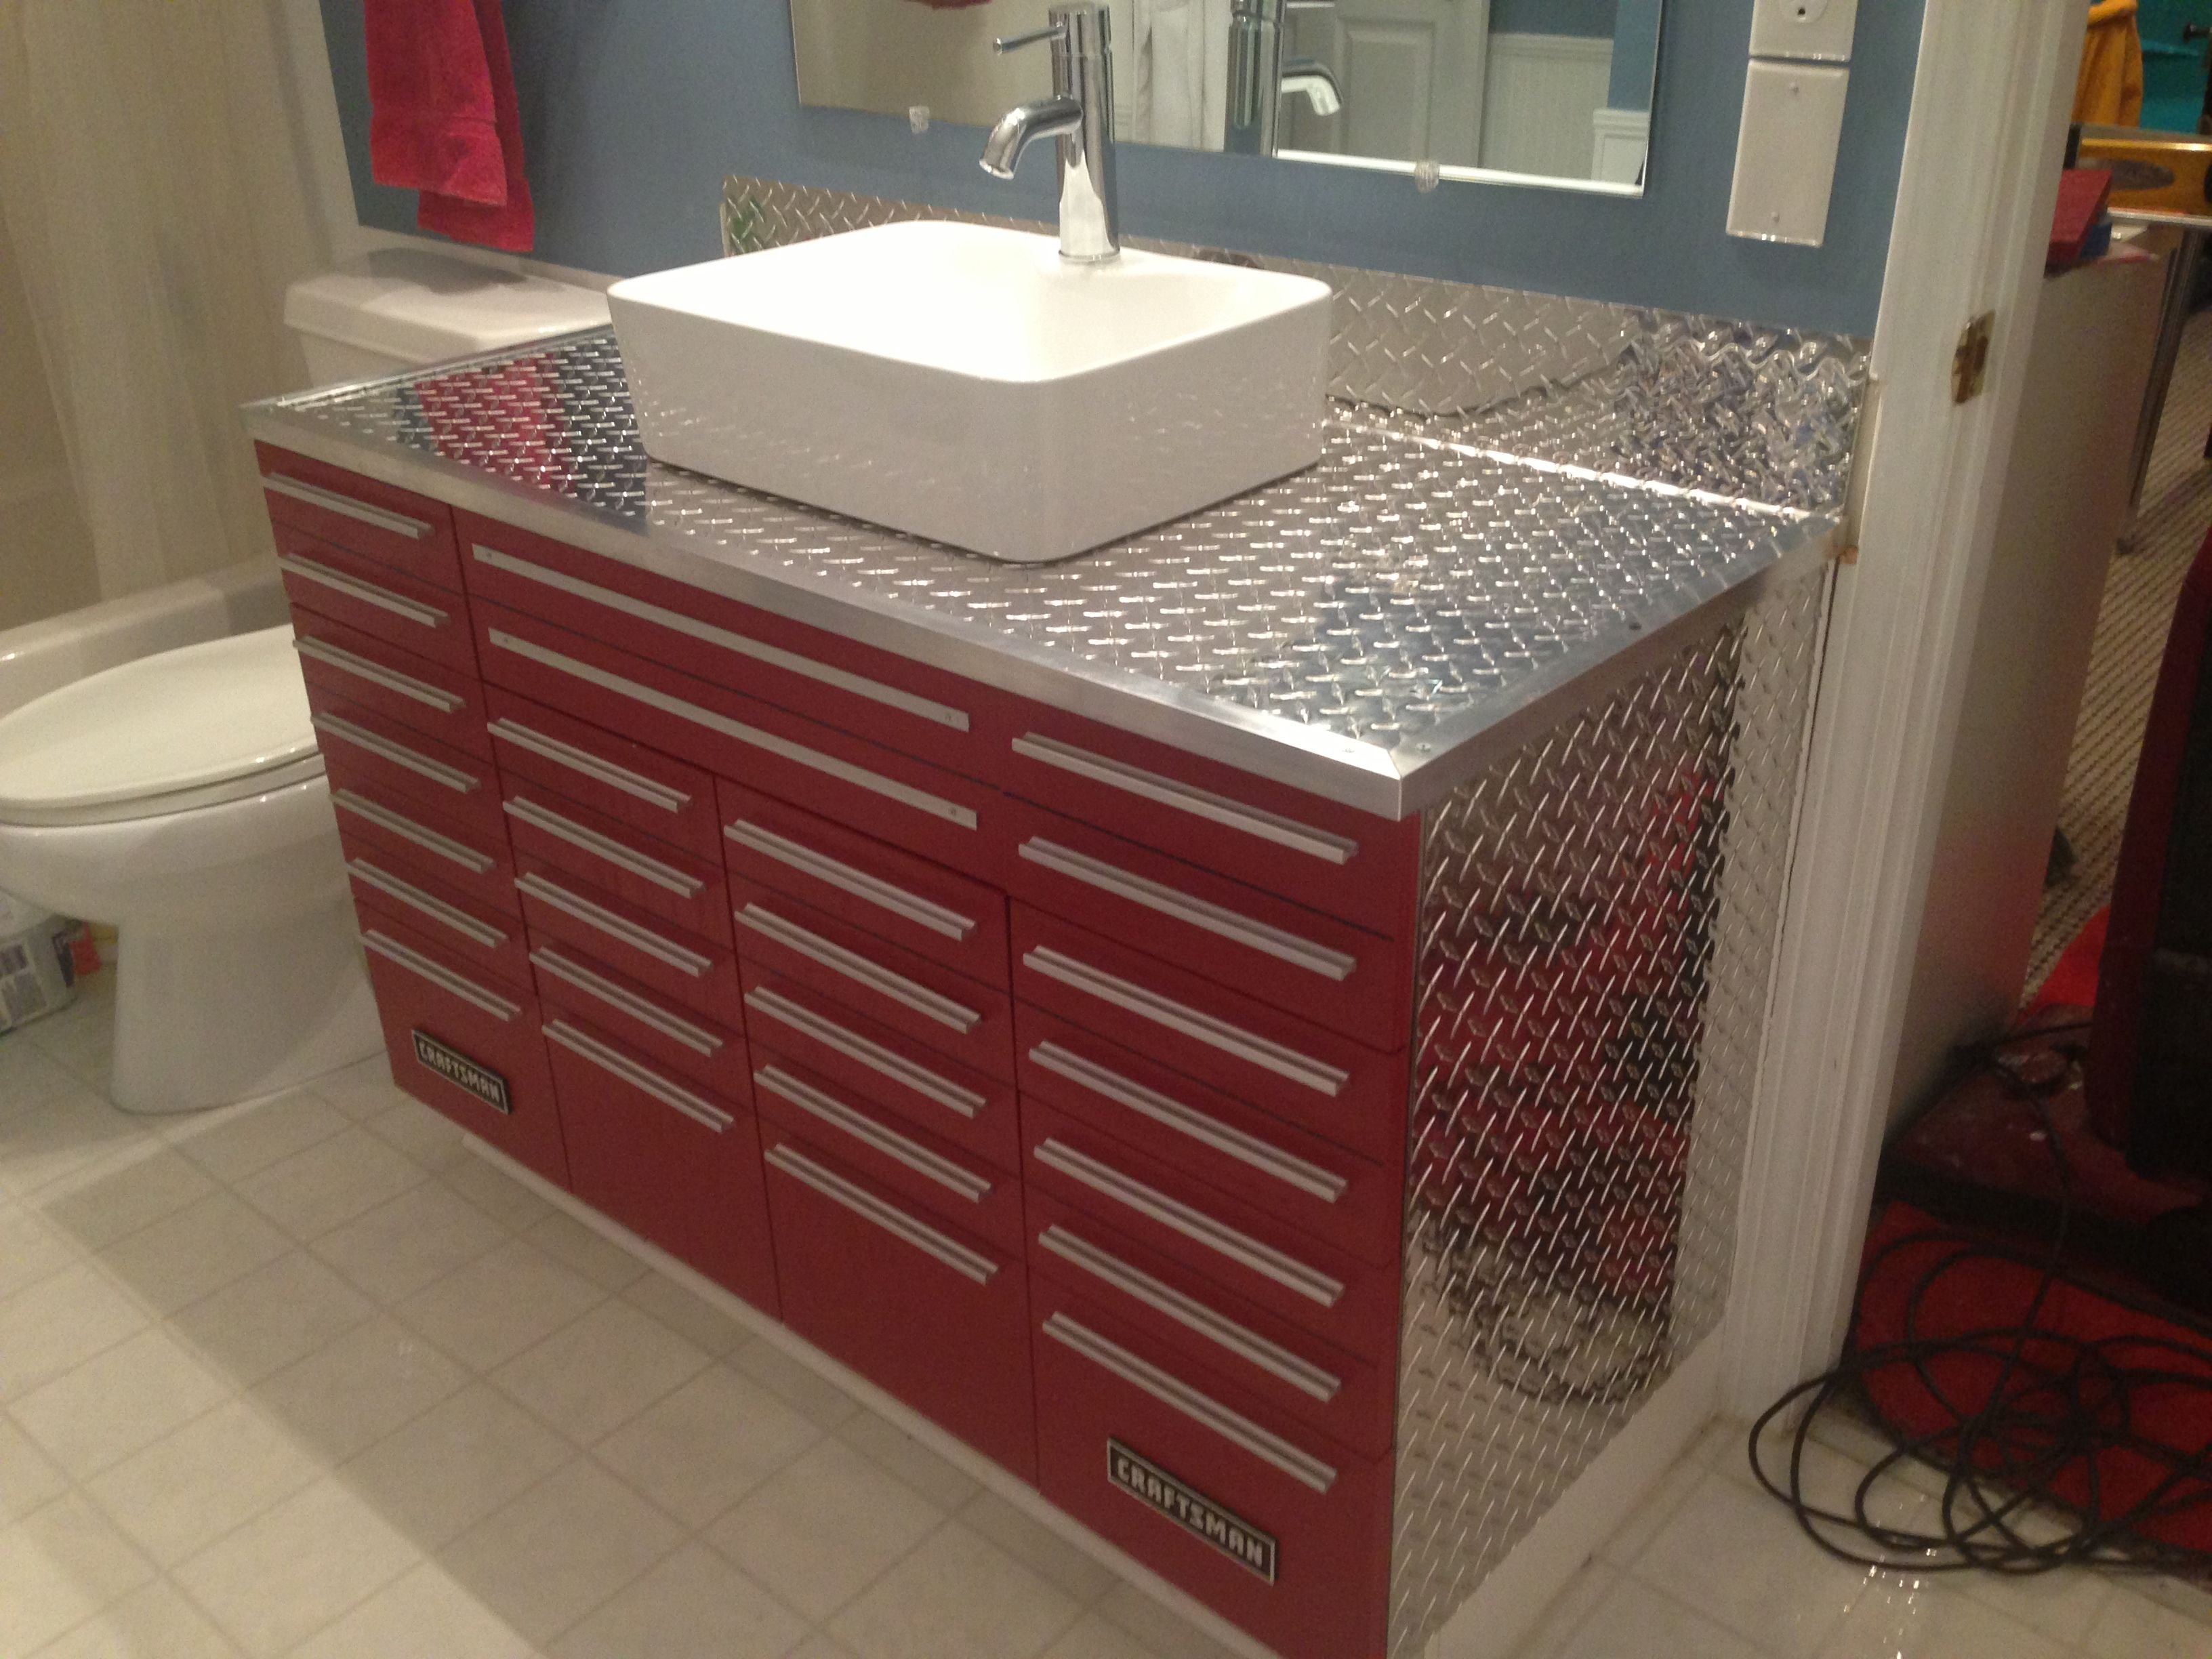 Craftsman Tool Box Vanity With Vessel Sink Vanity Craftsman Tools Keep It Simple